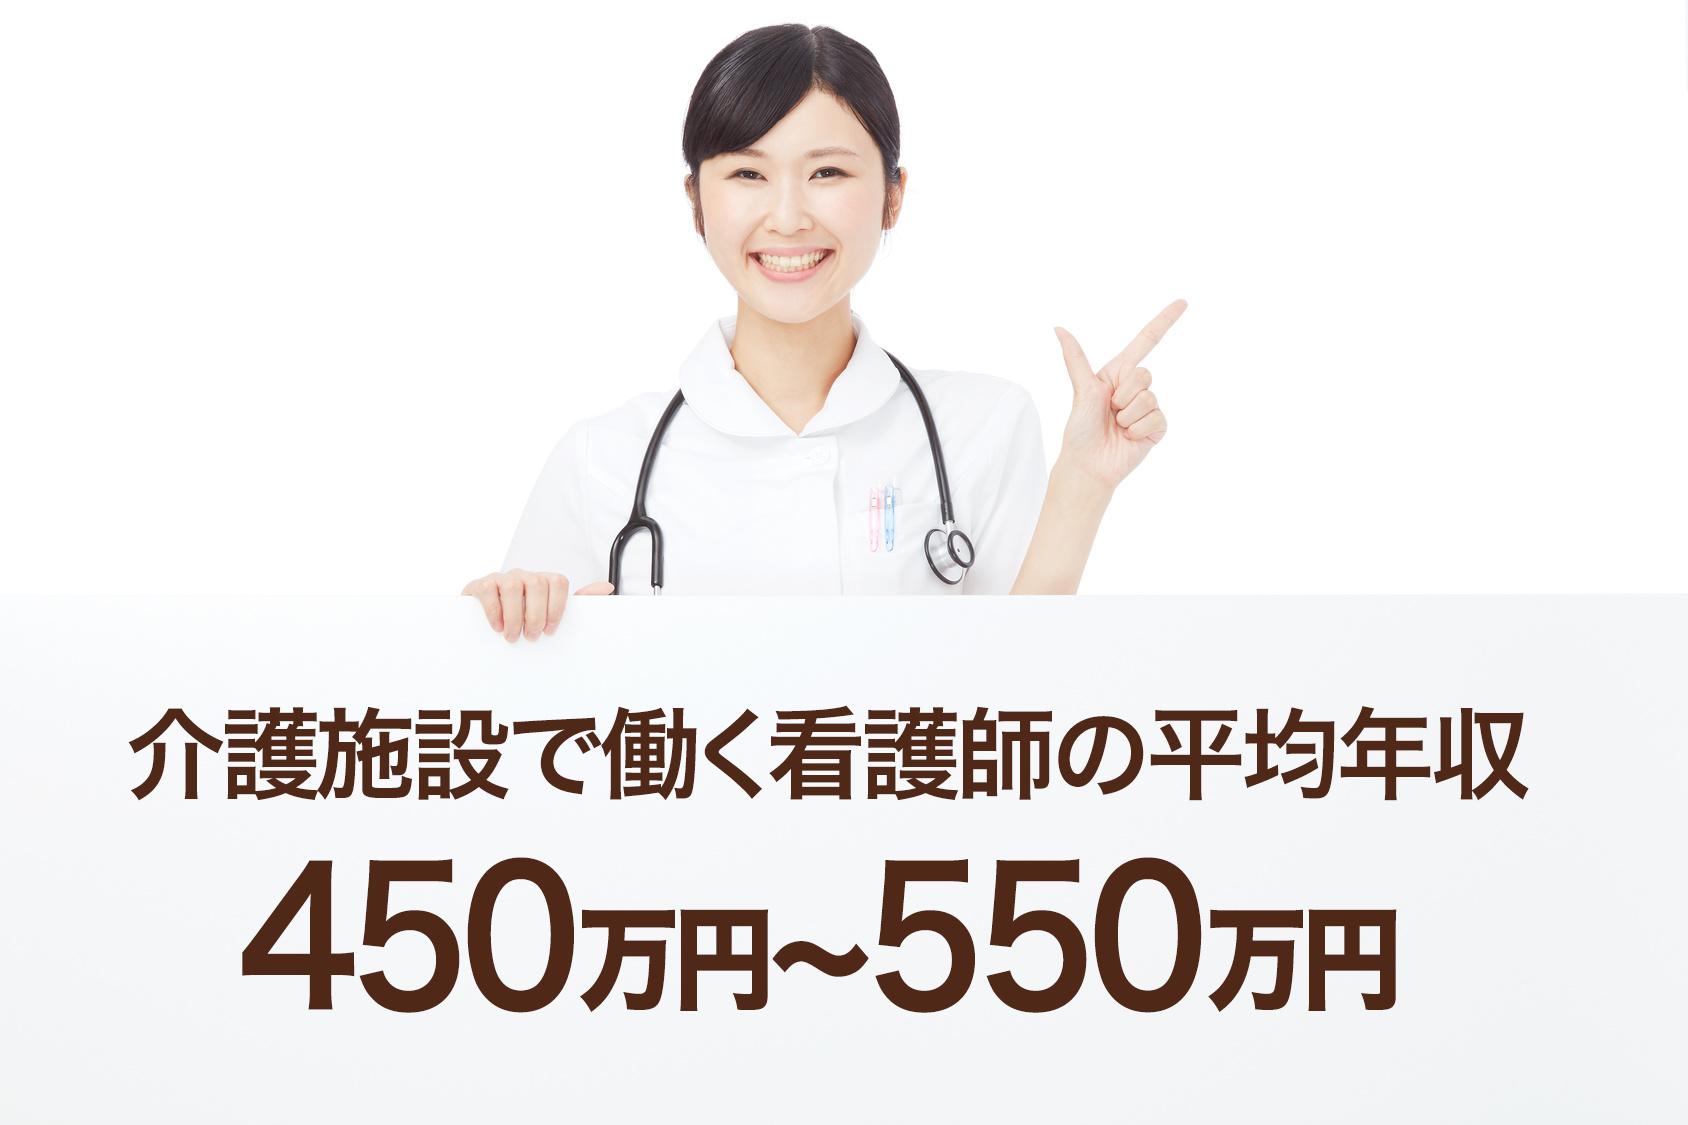 介護施設で働く看護師の平均年収